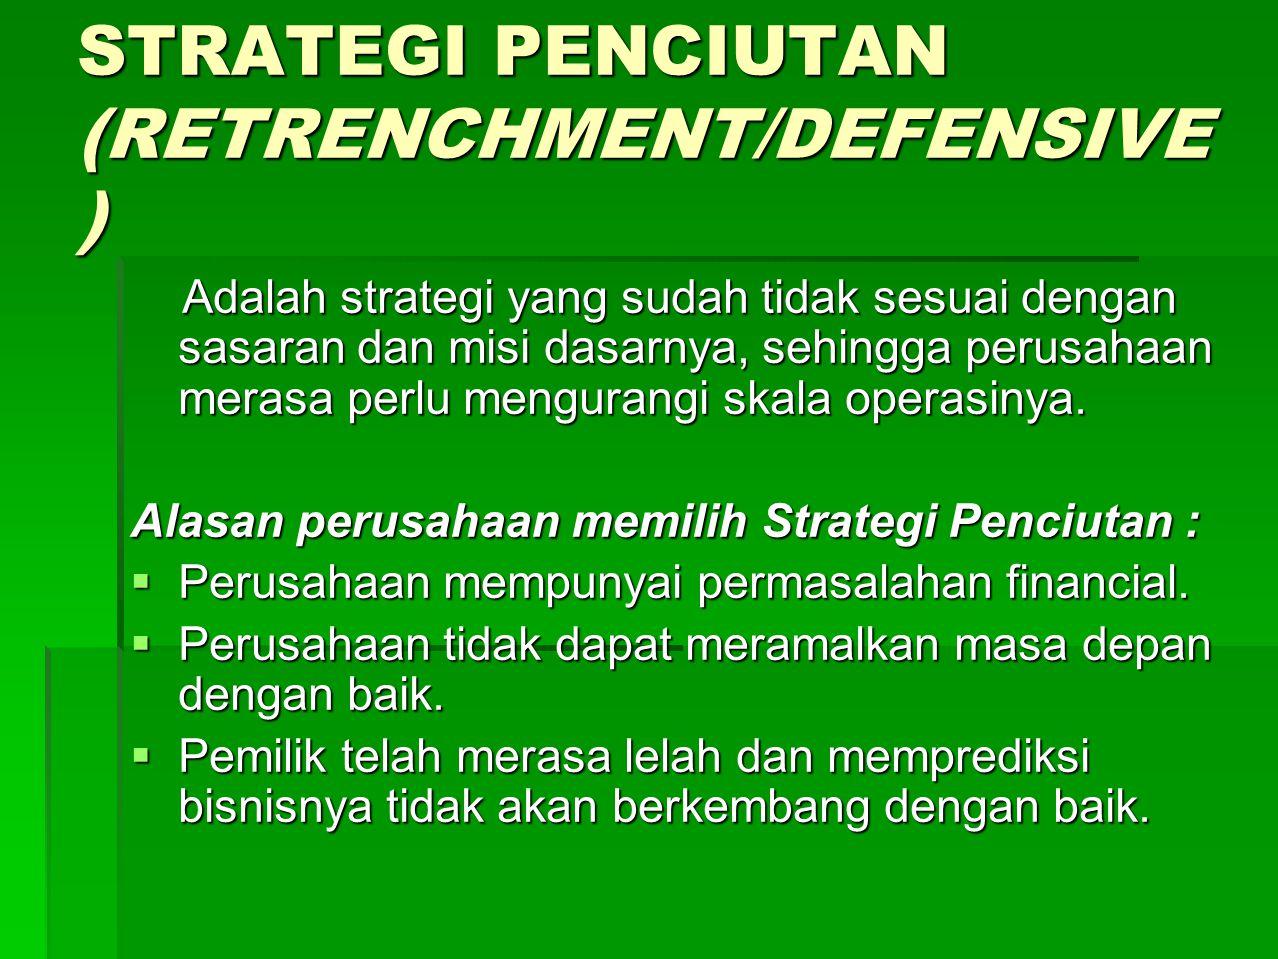 JENIS-JENIS STRATEGI PENCIUTAN (RETRENCHMENT/DEFENSIVE  Cutback dan Turnaround  Divestasi (Divesment)  Likuidasi (Liquidation)  Kebangkrutan (Bankcrutcy)